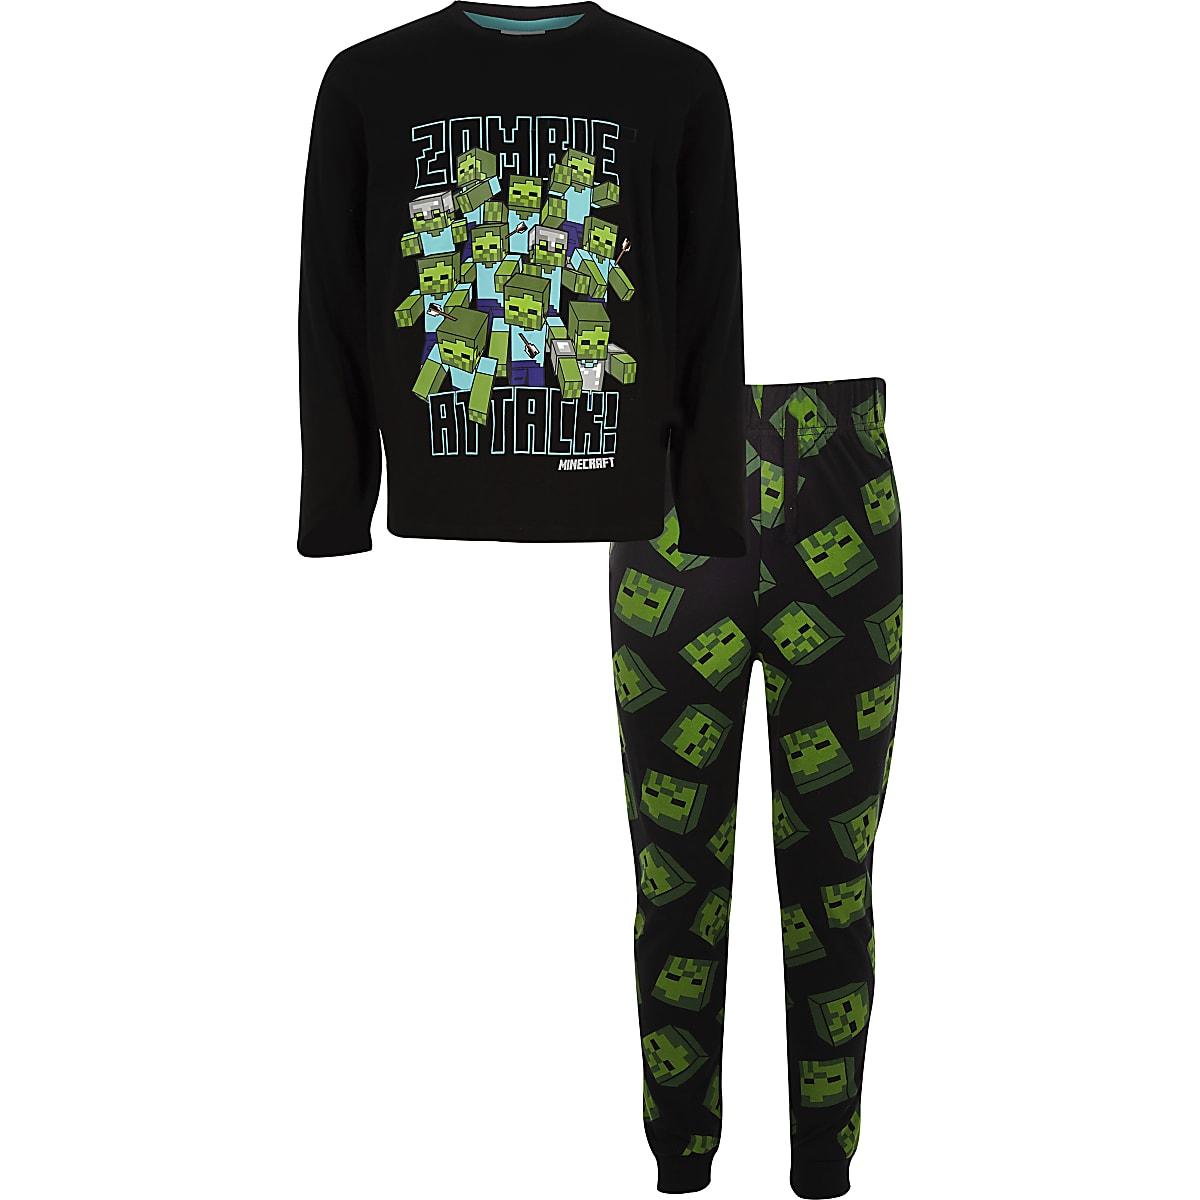 vente en magasin 2019 authentique aspect esthétique Boys Minecraft printed pyjama outfit